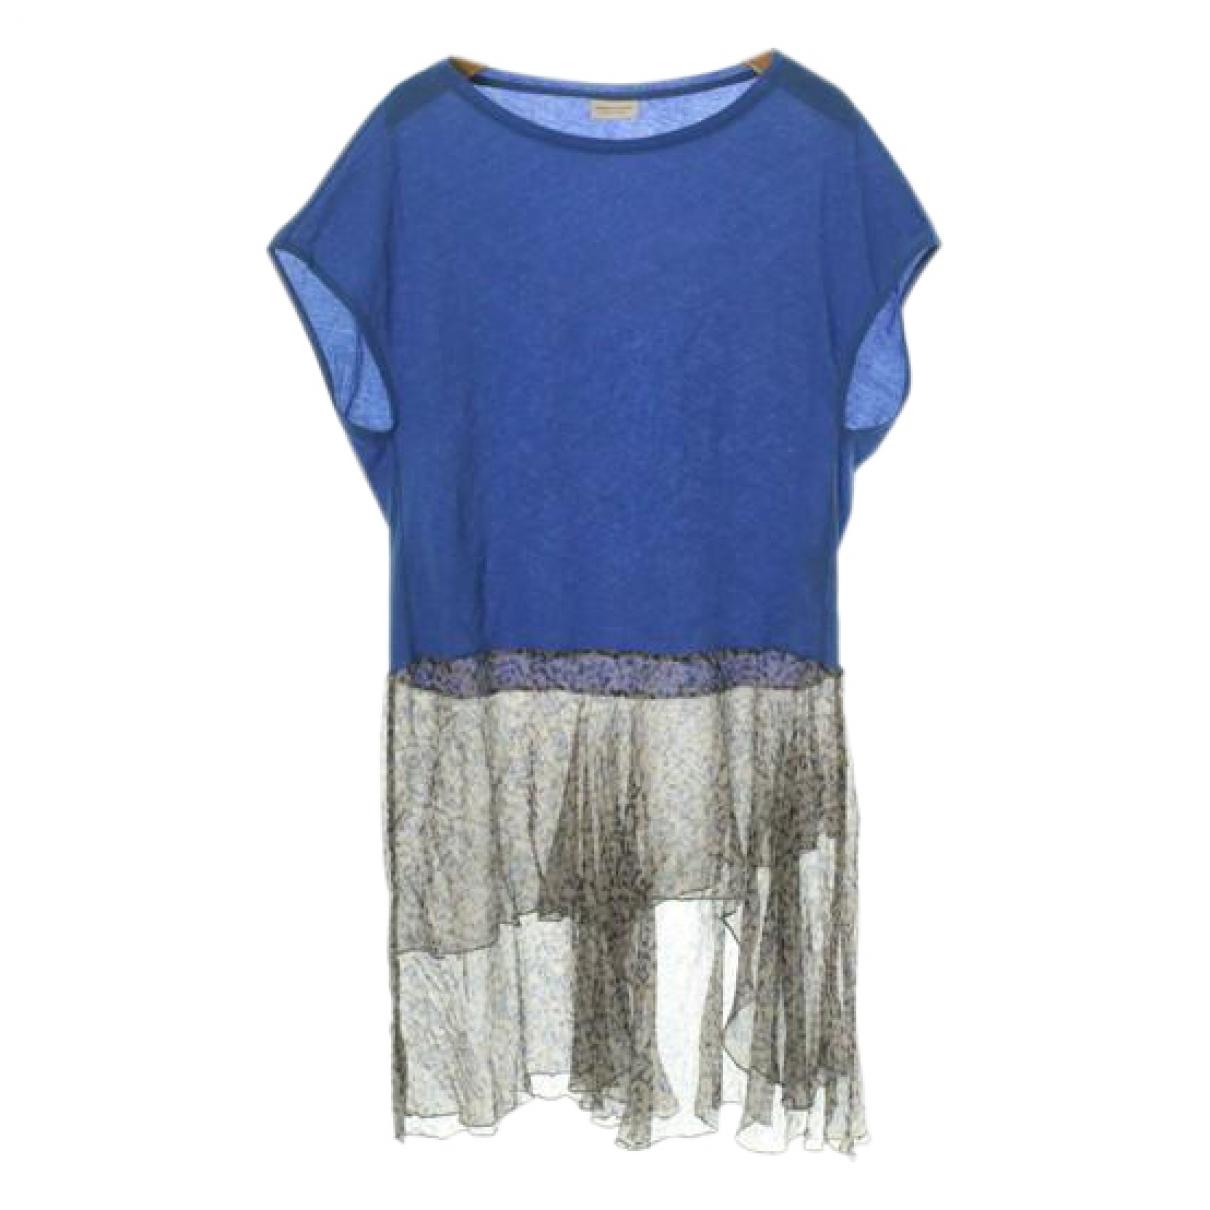 Dries Van Noten \N Kleid in  Blau Baumwolle